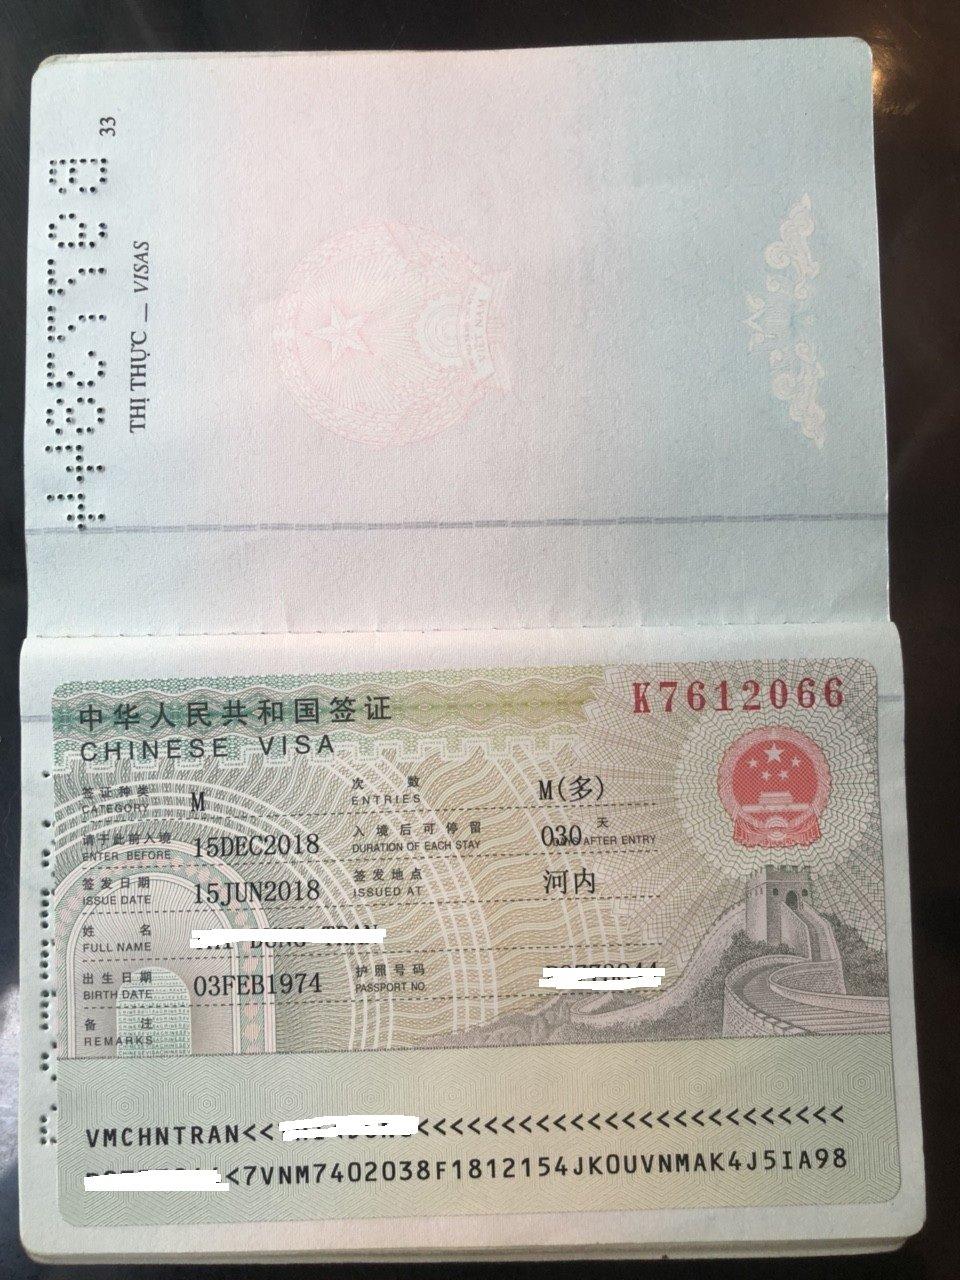 Thủ tục làm visa Trung Quốc tại Cầu Giấy Hà Nội